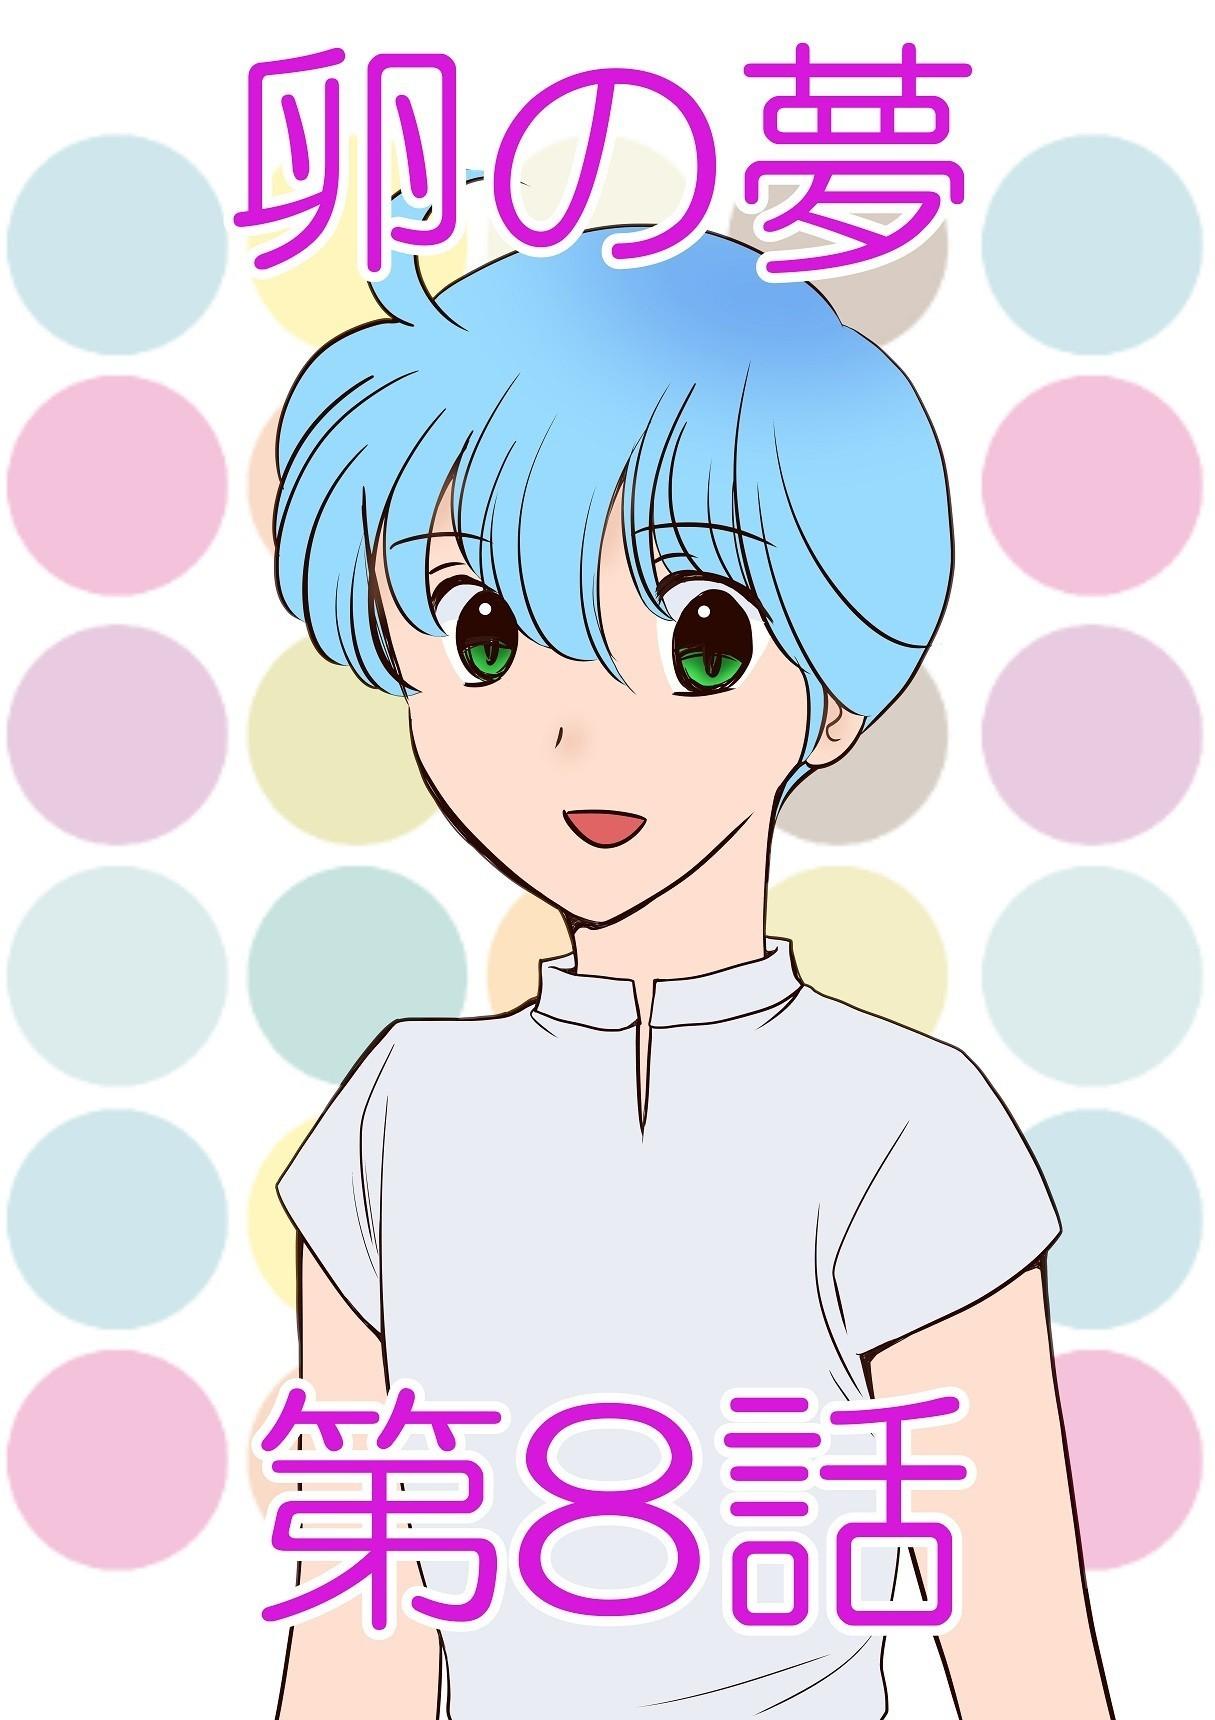 「卵の夢」第8話 アルファポリスの方にも投稿しています。https://www.alphapolis.co.jp/manga/156516777/585262249